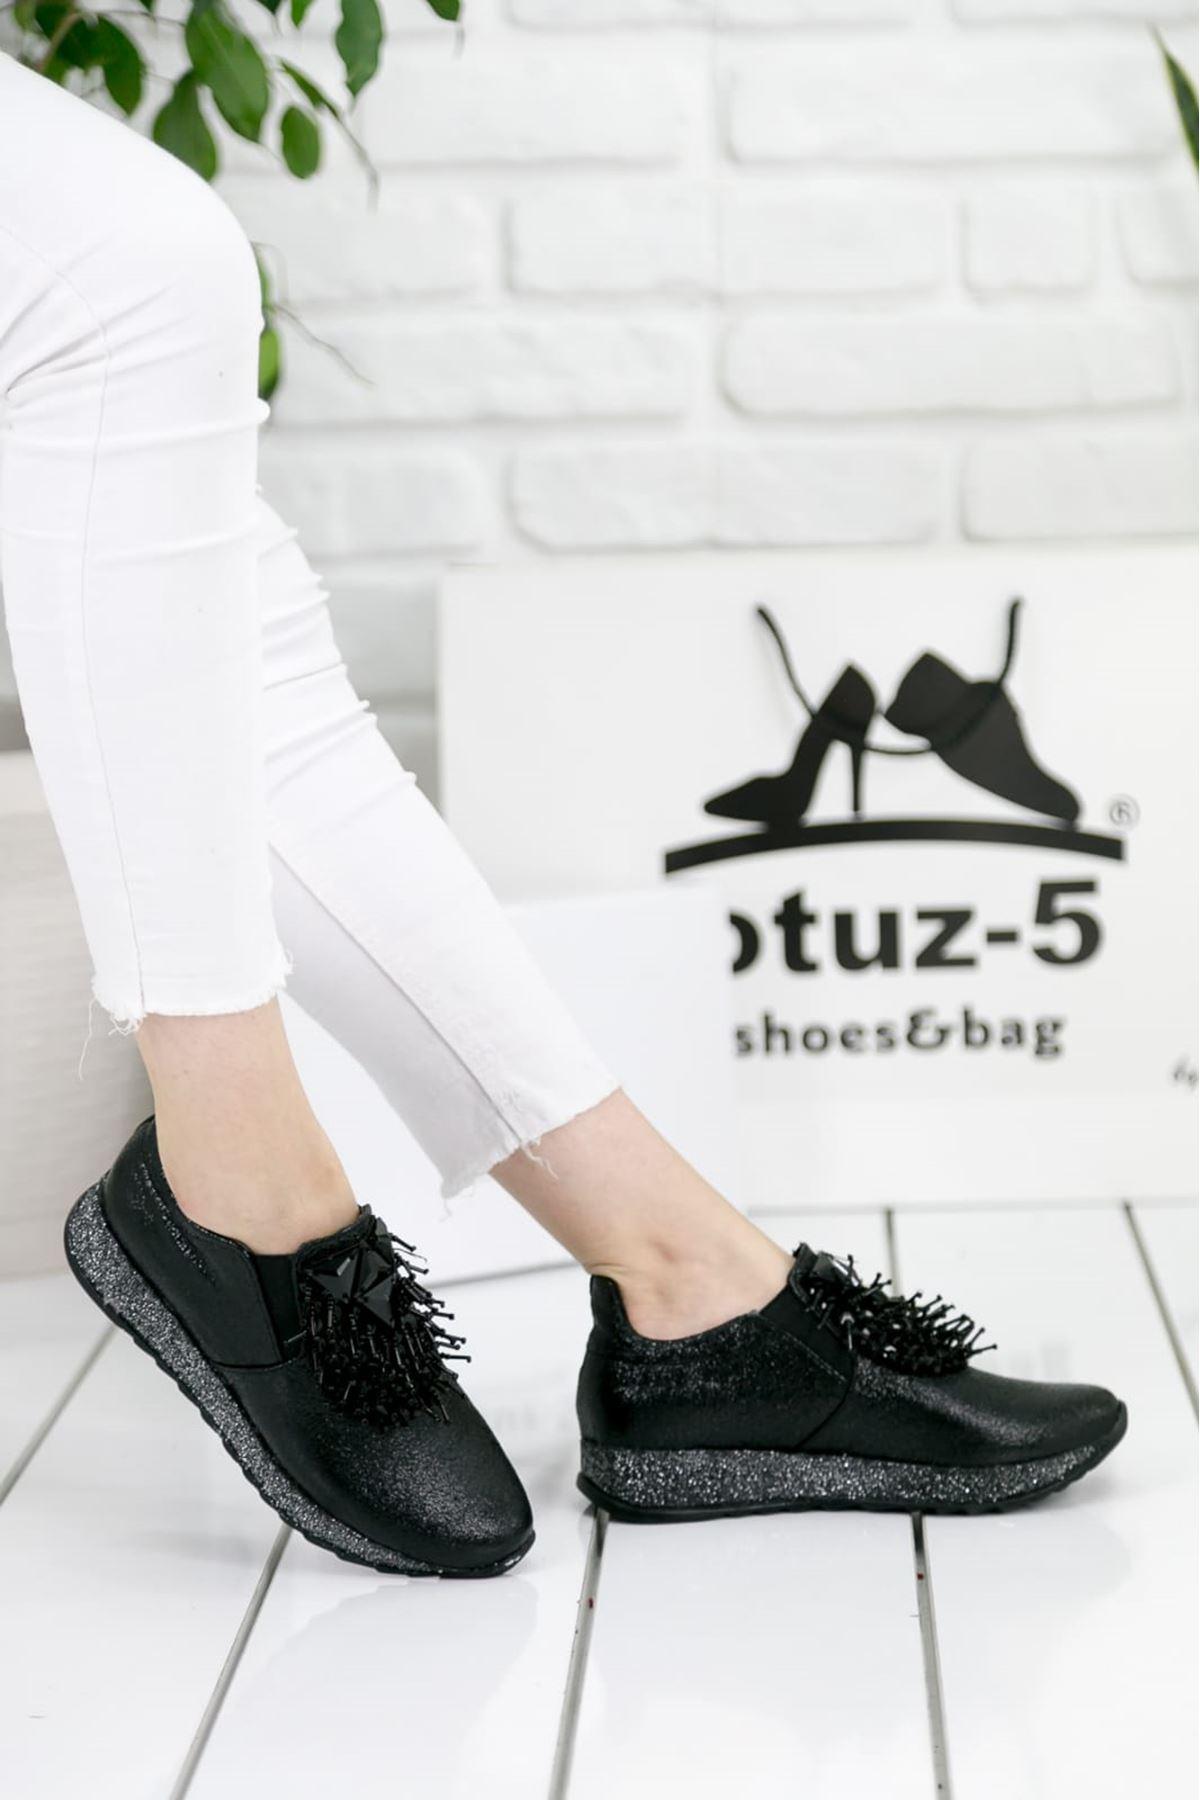 Nesso Kırışık Rugan Taş Detay Bayan Ayakkabı Siyah